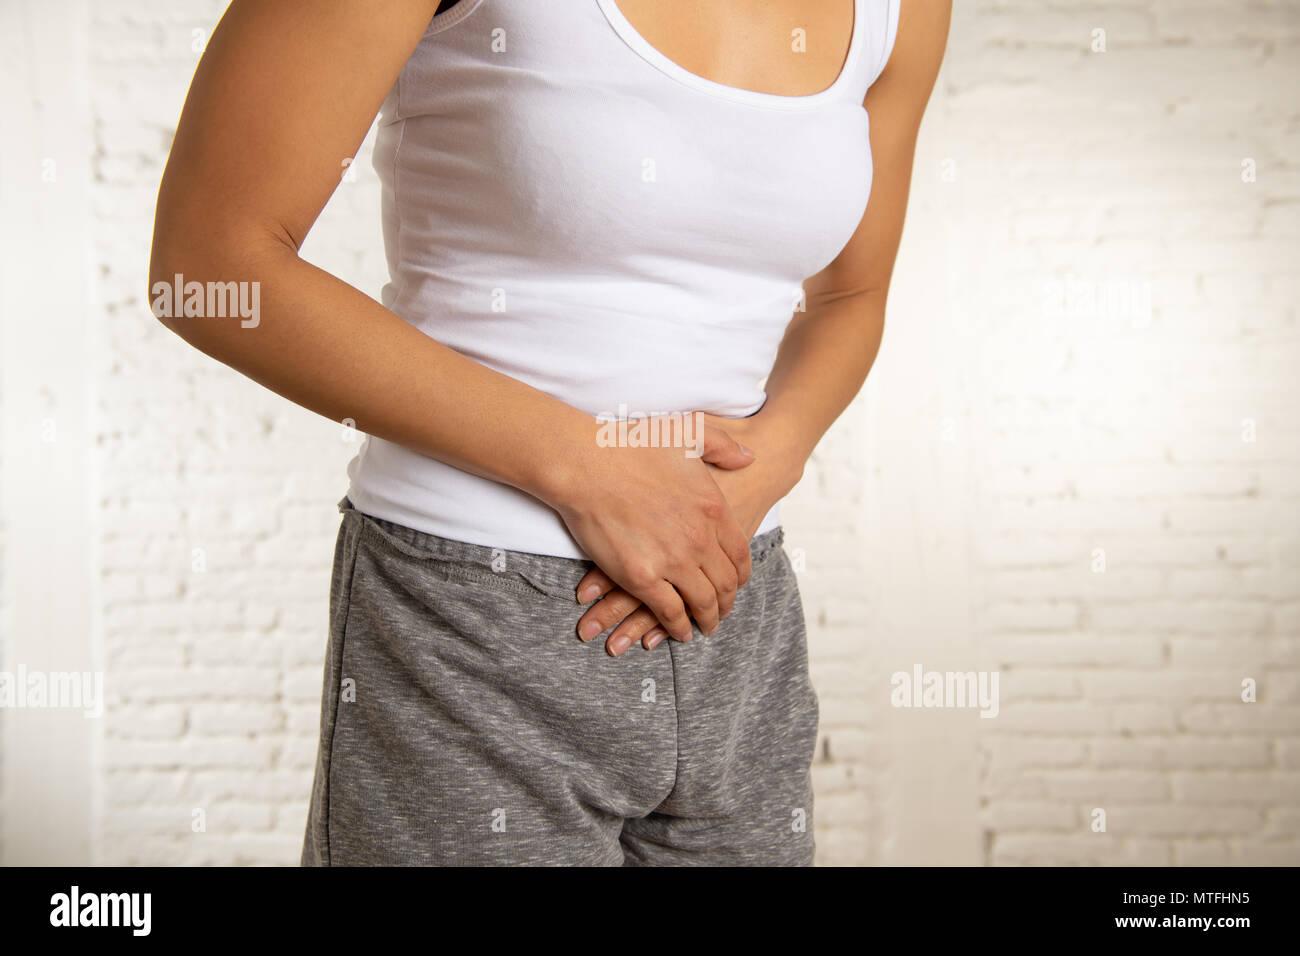 Nahaufnahme von einer jungen Frau, schmerzliche Magenschmerzen, Hände auf ihren Bauch. Körper Schmerzen, Gastritis, Verstopfung, Schmerzen und Krämpfe. Stockbild